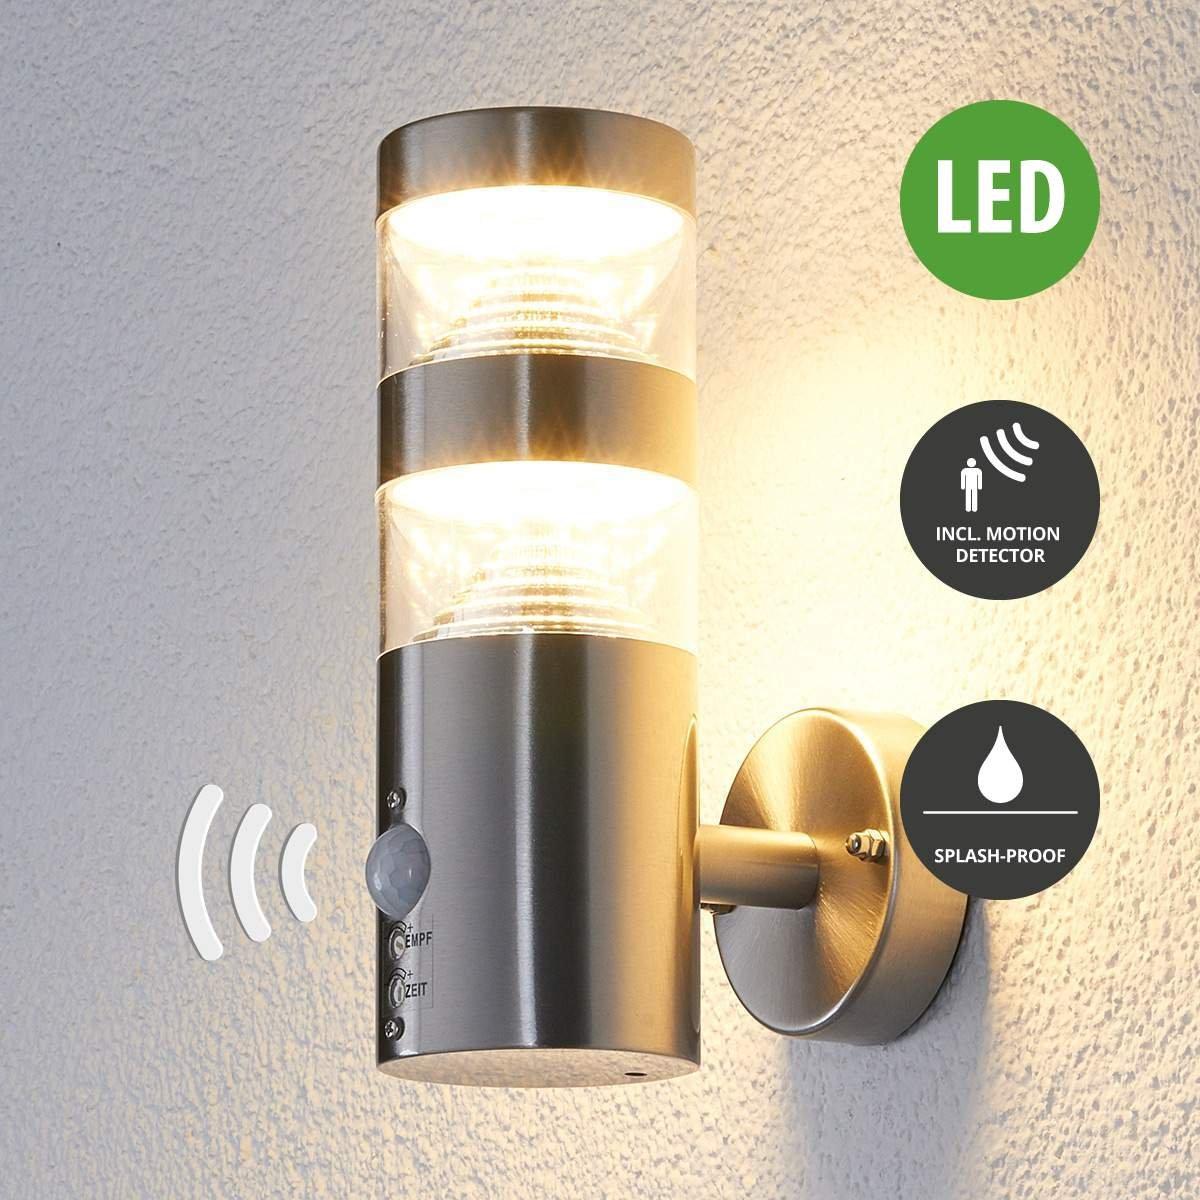 Lampenwelt LED Wandleuchte außen Lanea mit Bewegungsmelder (spritzwassergeschützt) (Modern) in Alu aus Edelstahl (1 flammig, A+, inkl. Leuchtmittel) | LED-Außenwandleuchten Wandlampe, Led Außenlampe, Outdoor Wandlampe für Außenwand/Hauswand, Haus, Terrasse